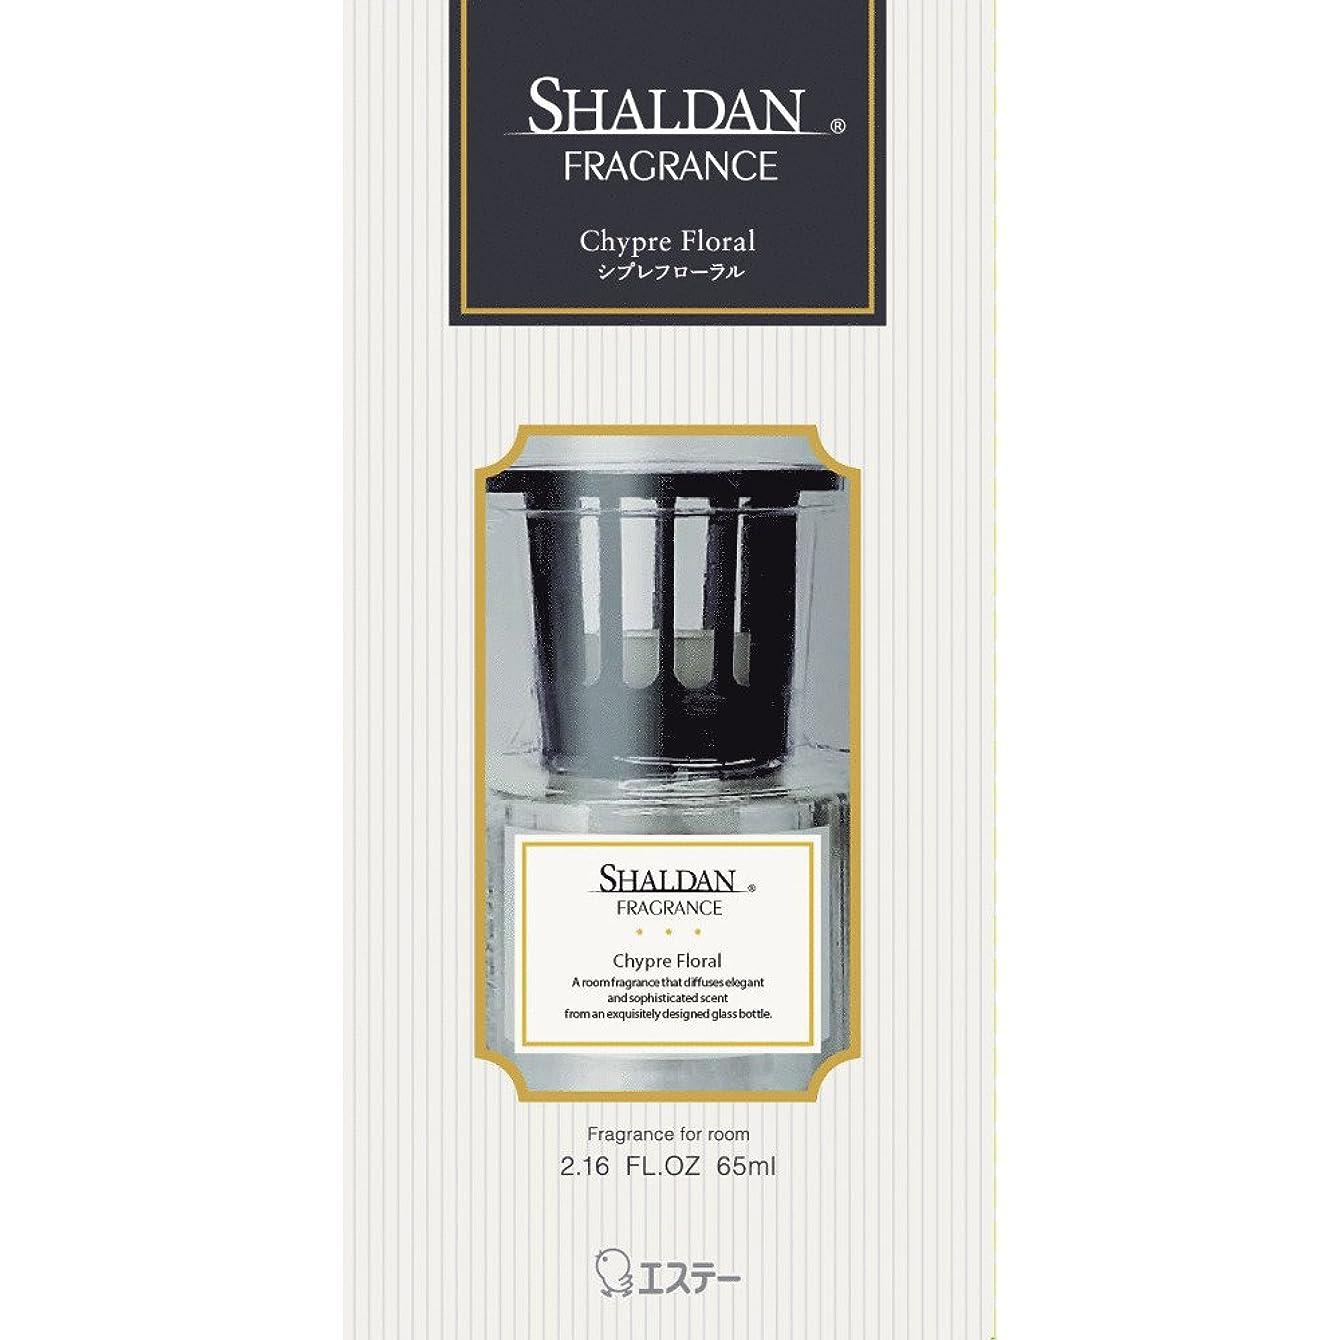 バンドメンダシティクスクスシャルダン SHALDAN フレグランス 消臭芳香剤 部屋用 本体 シプレフローラル 65ml